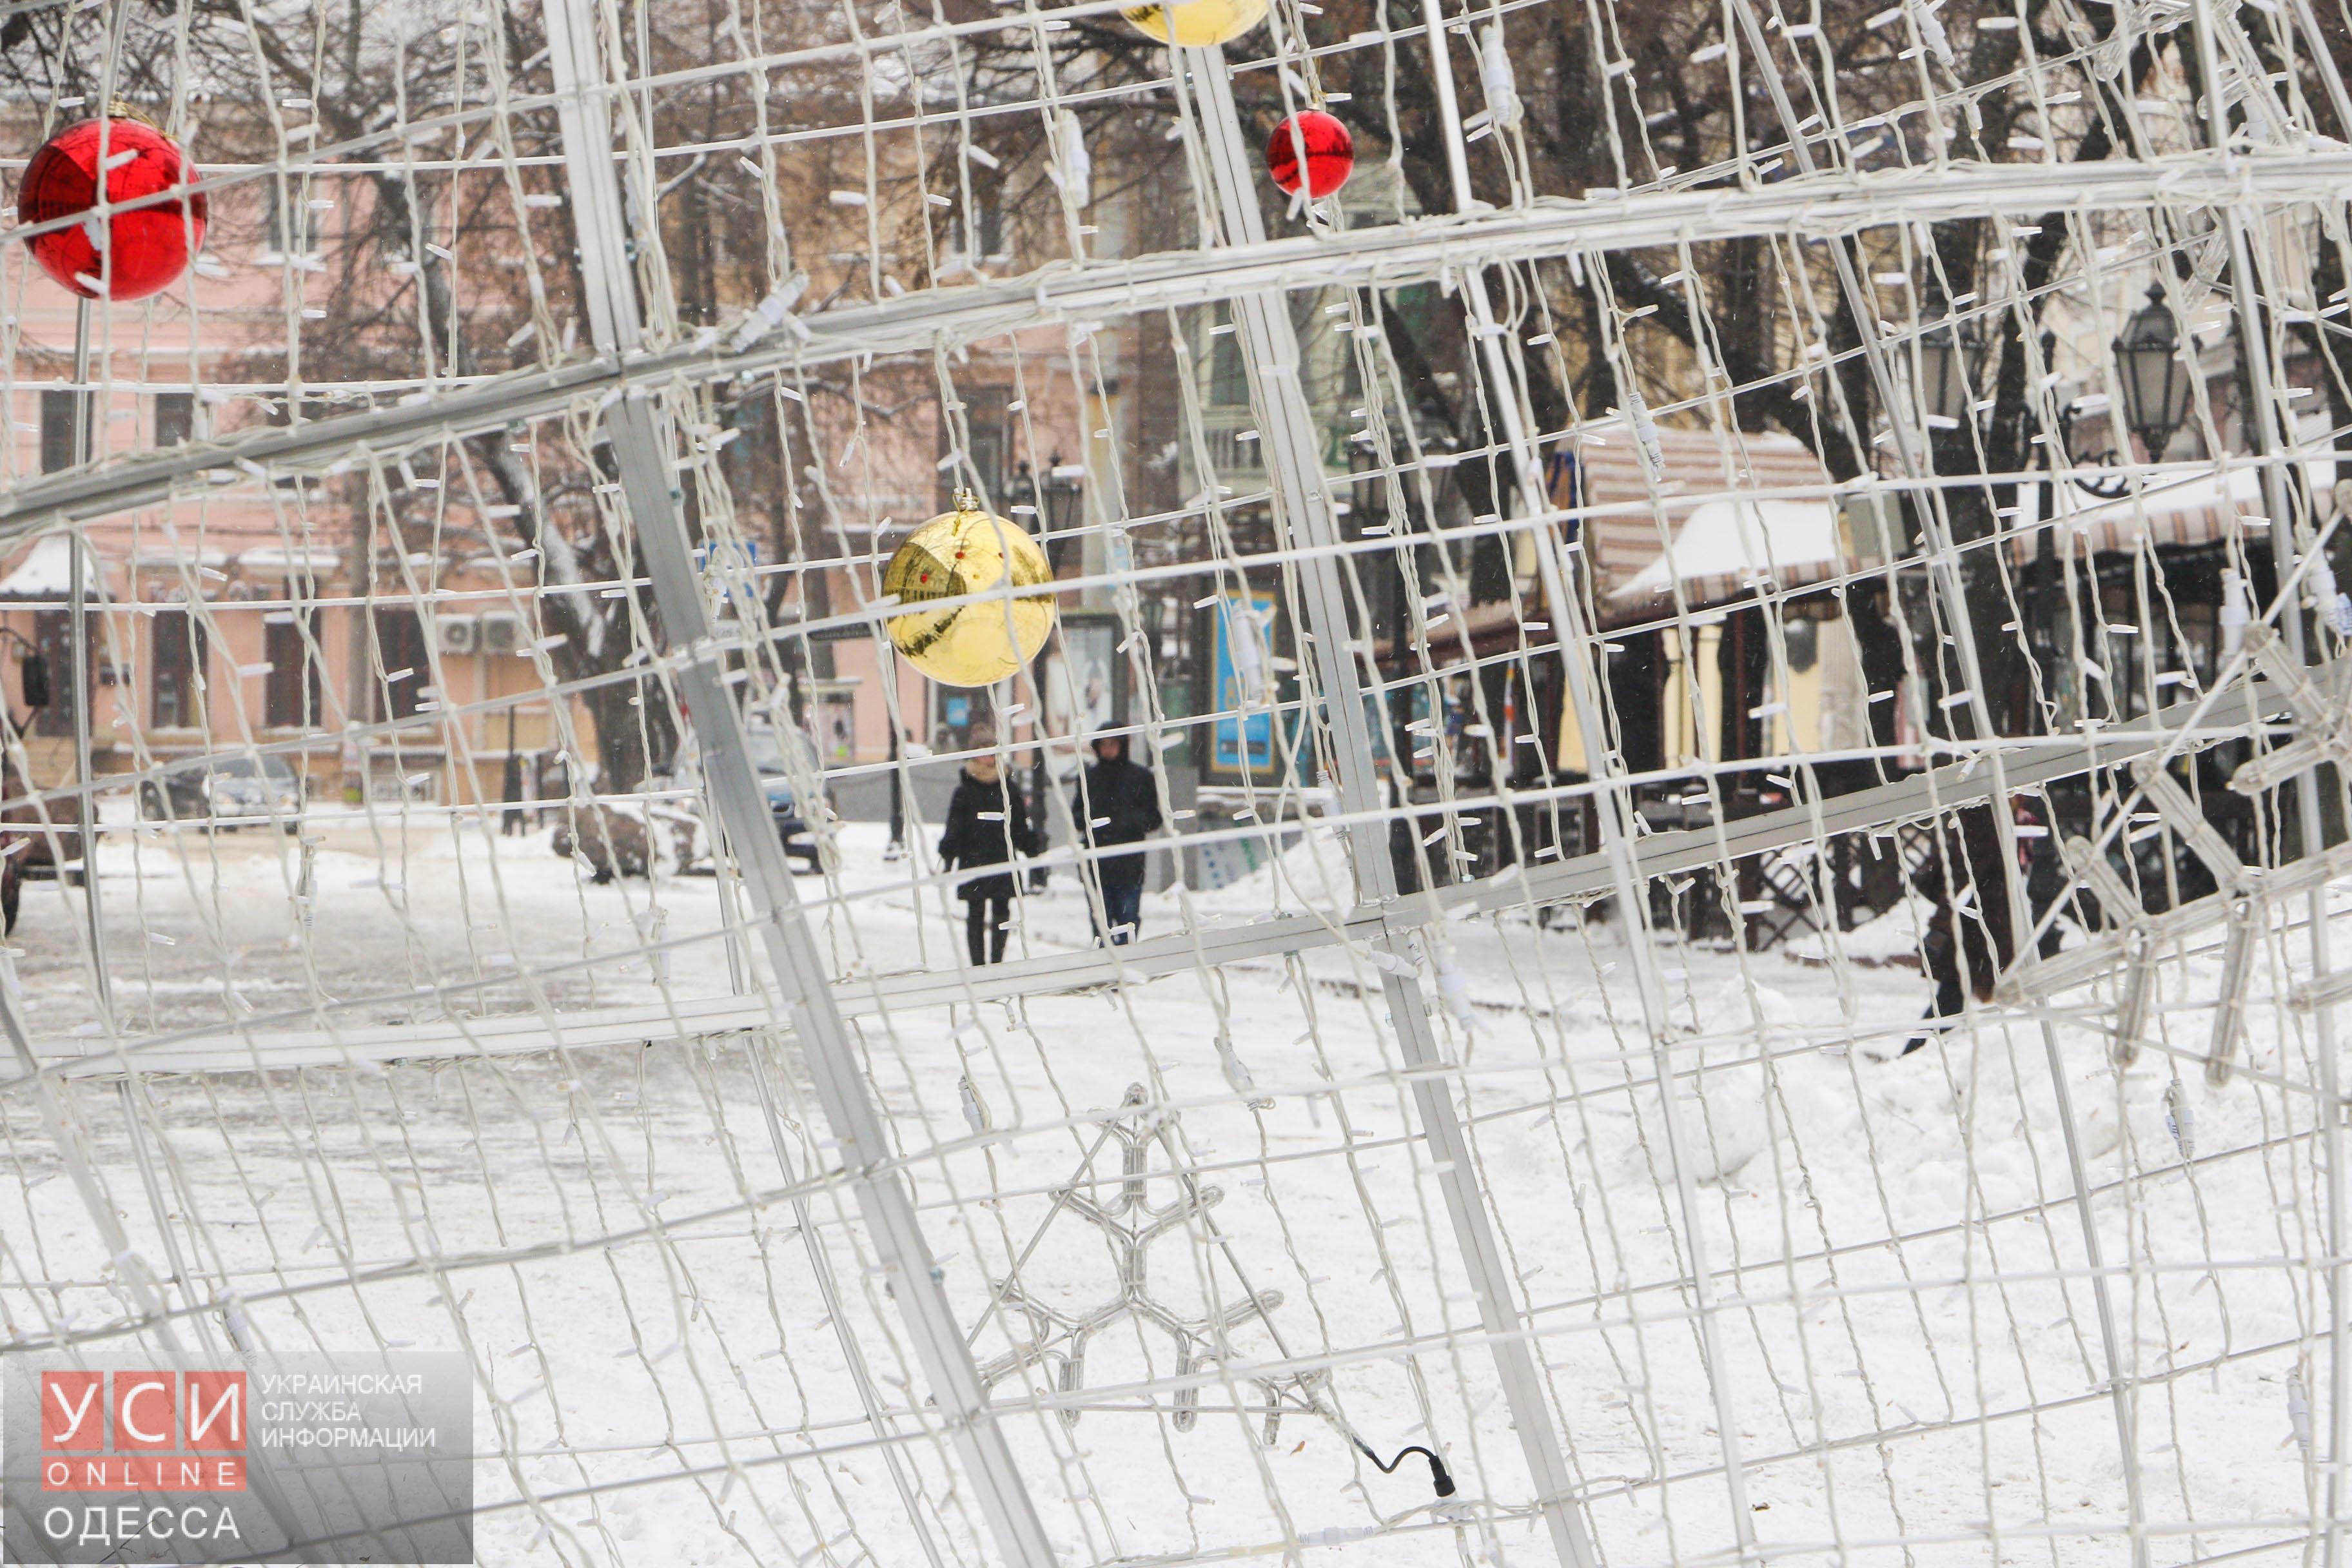 Центр Одессы во второй день метели: фоторепортаж